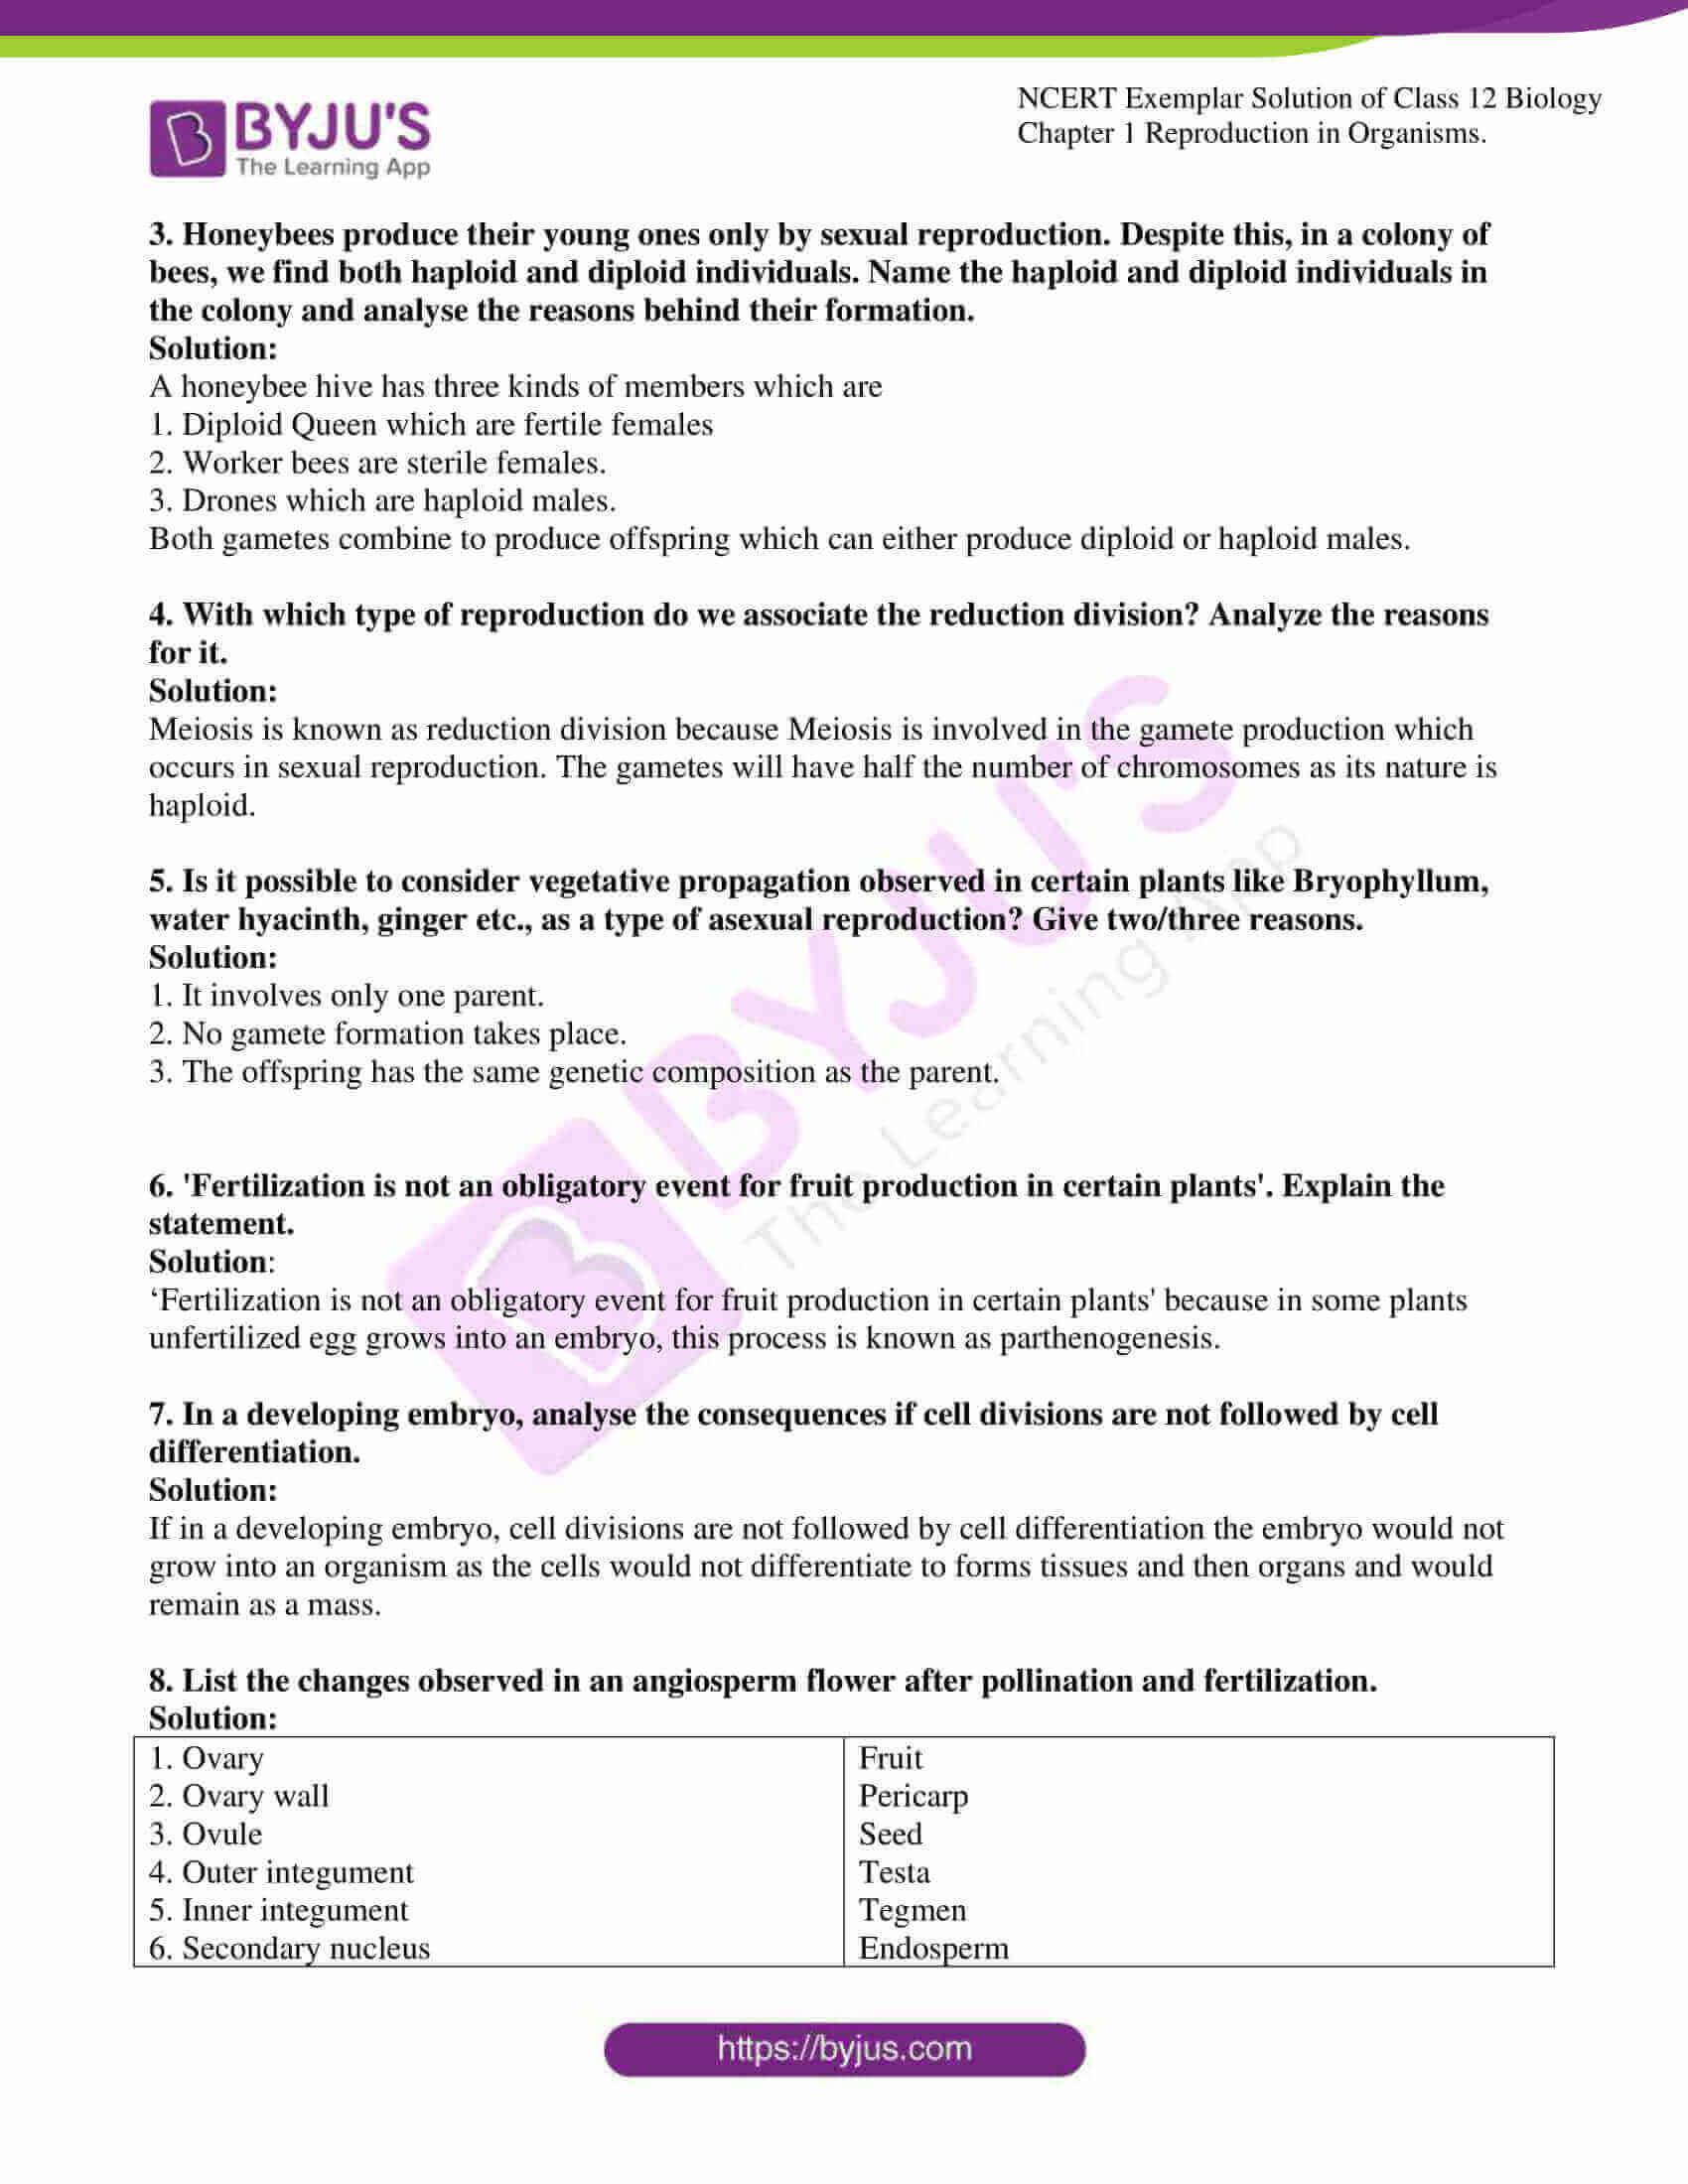 ncert exemplar solution of class 12 biology chapter 1 09